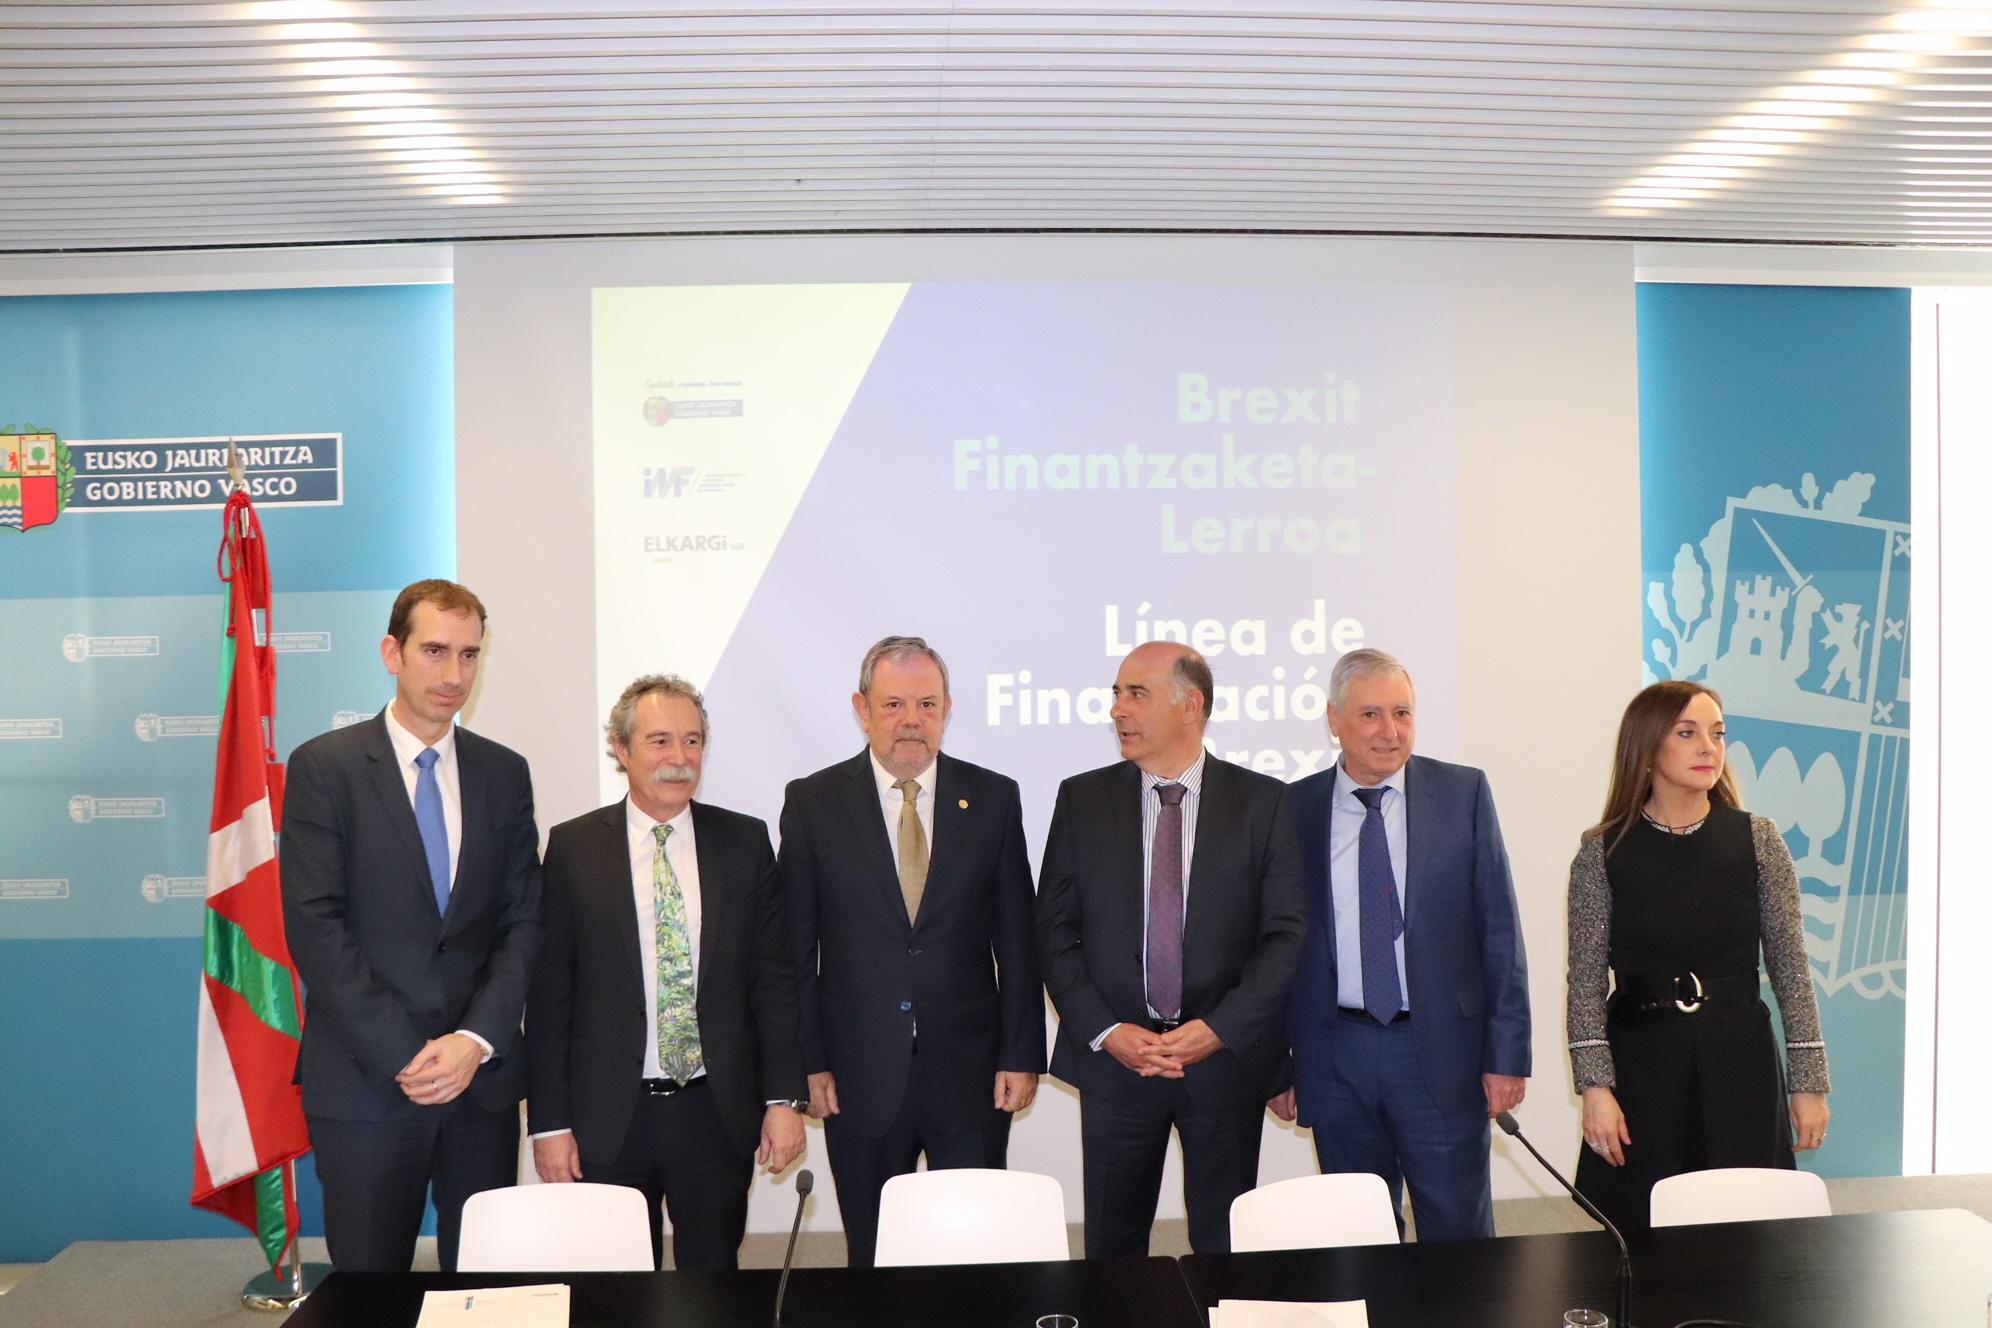 Gobierno Vasco y Elkargi ponen en marcha una nueva línea de financiación de 25 millones para empresas afectadas por el Brexit